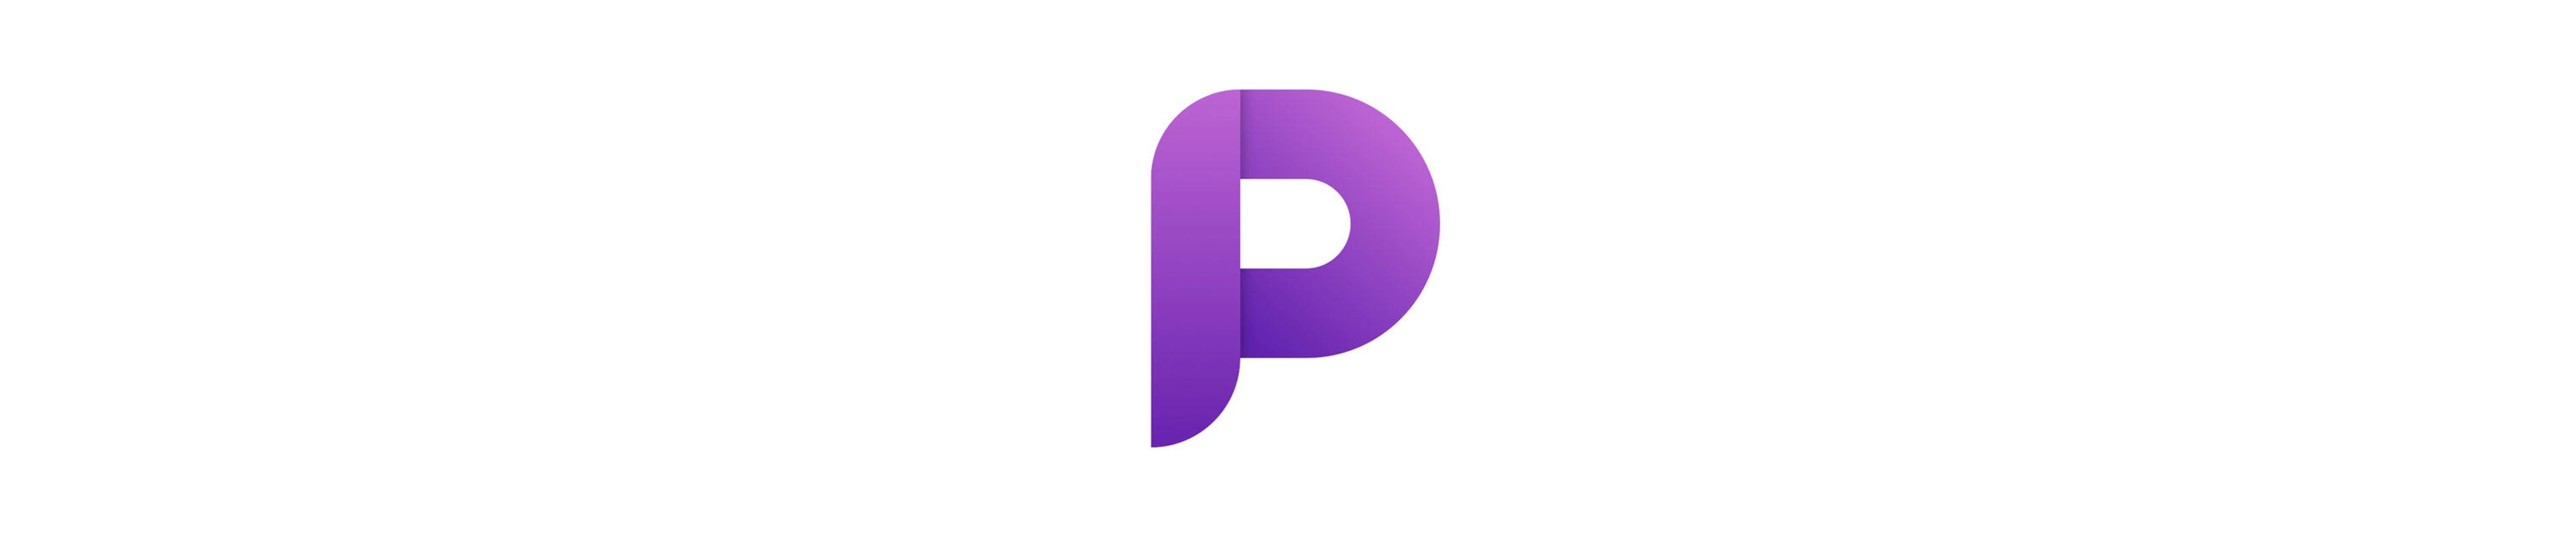 [已购]Picsew – 长截图和长图拼接-草蜢资源